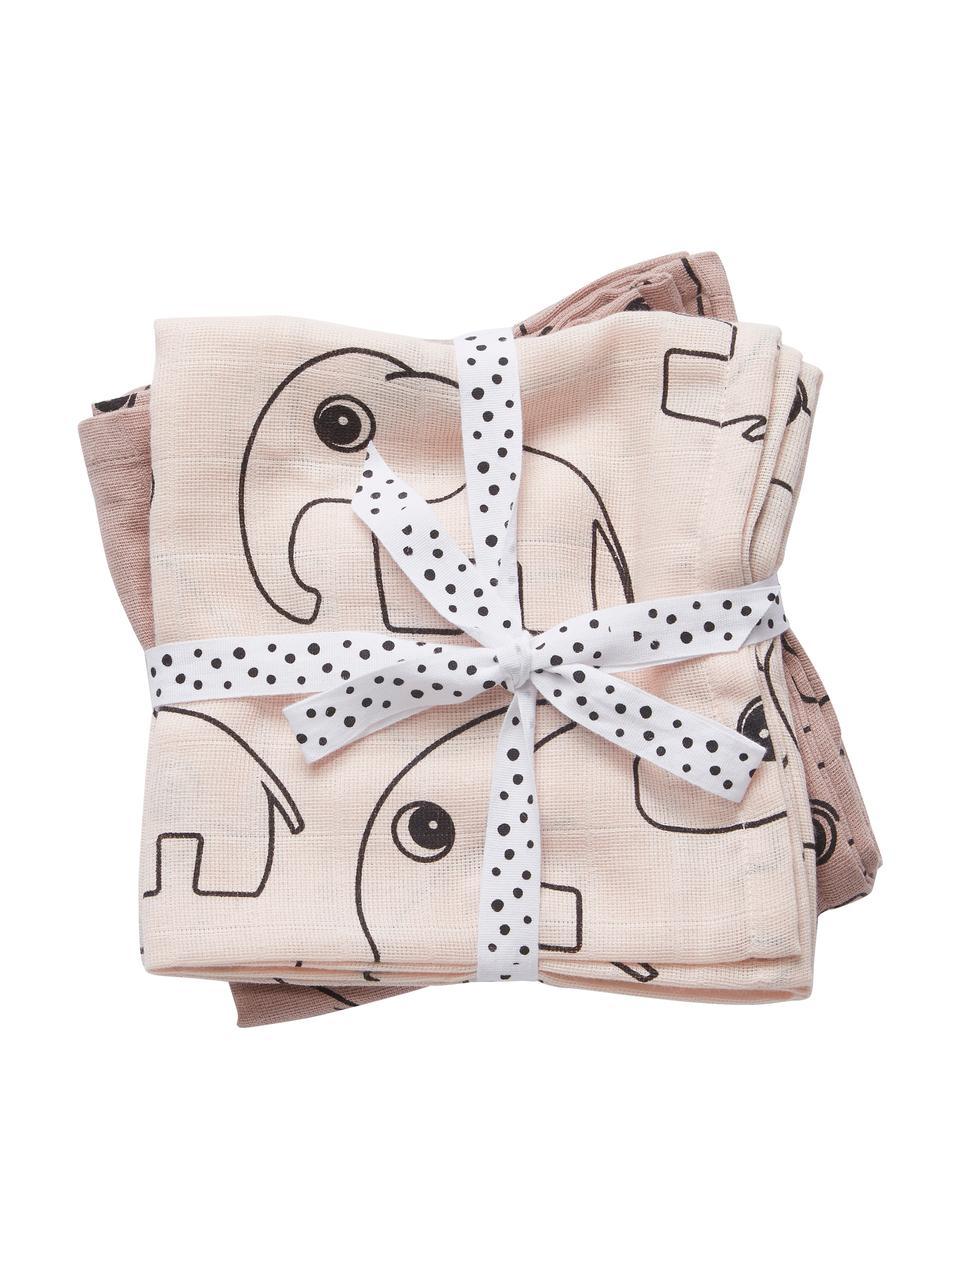 Komplet pieluszek tetrowych Contour, 2 elem., 100% bawełna, certyfikat Oeko-Tex, Blady różowy, S 120 x D 120 cm